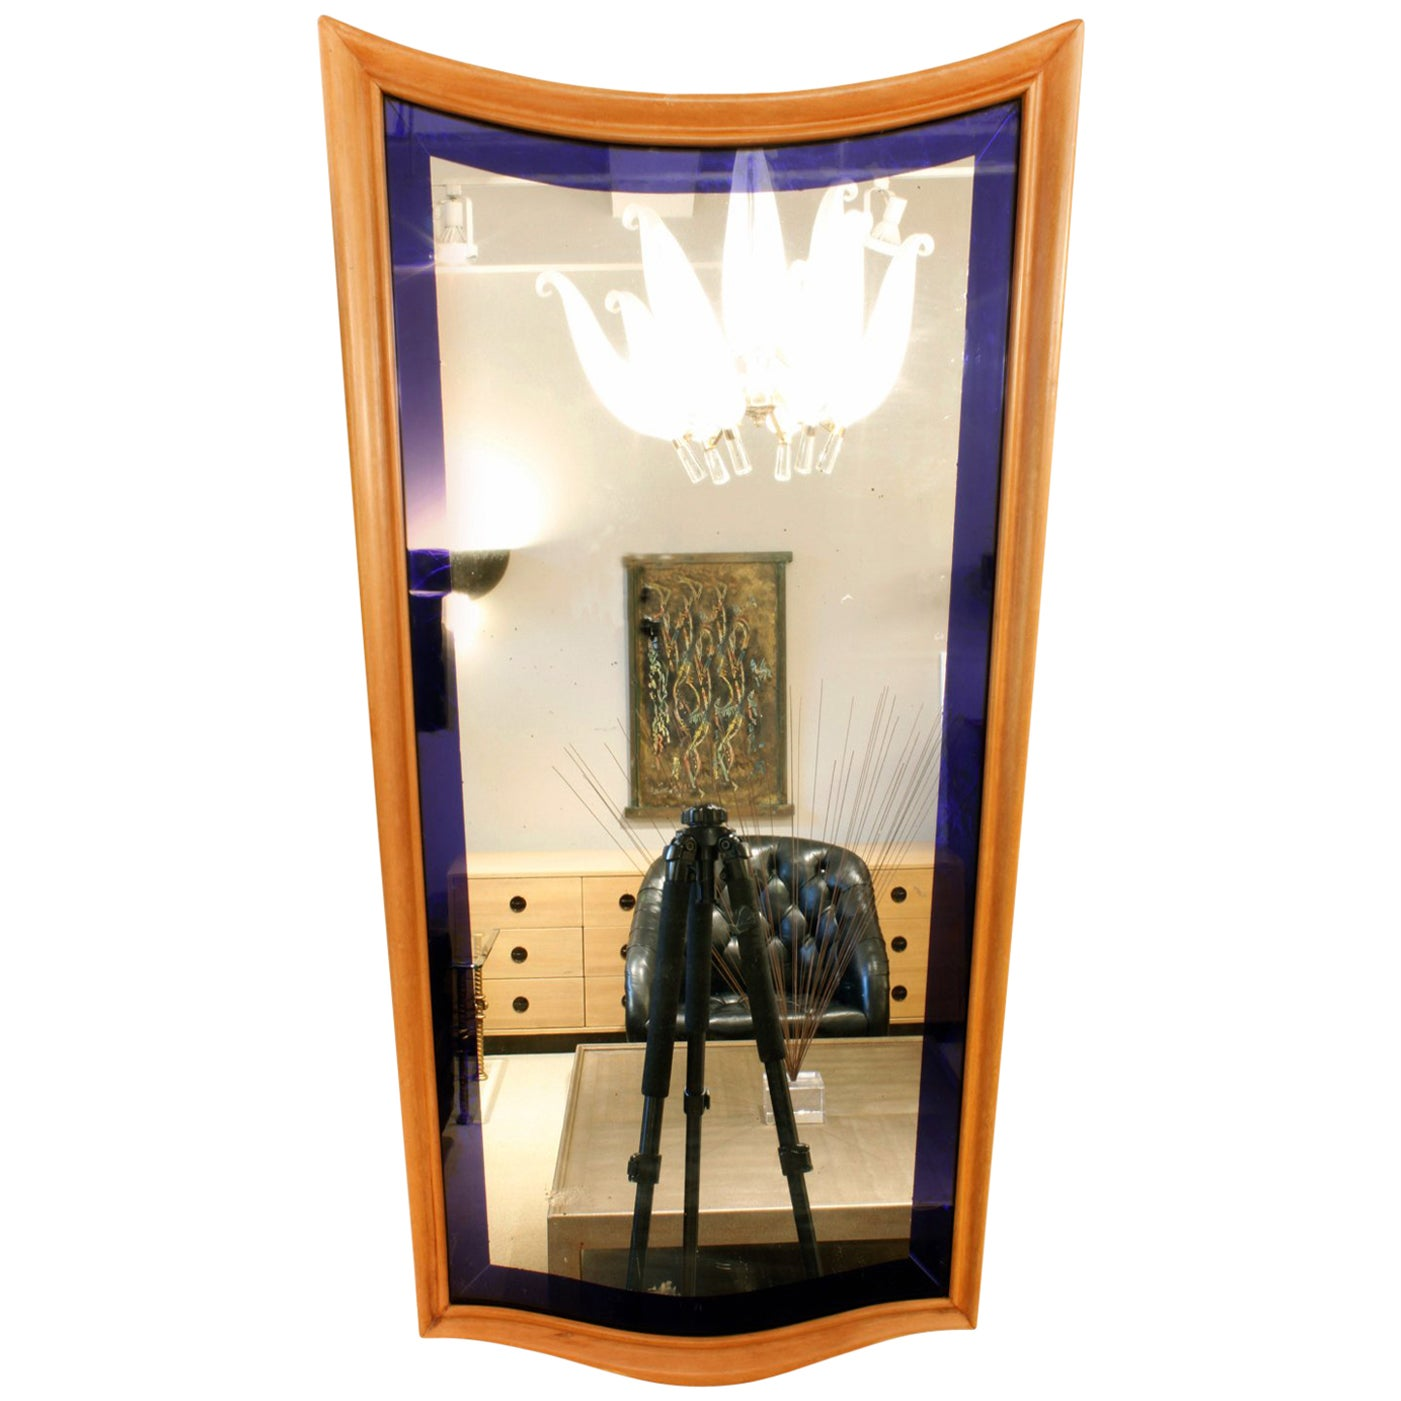 Stunning Italian Art Deco Mirror, 1930s